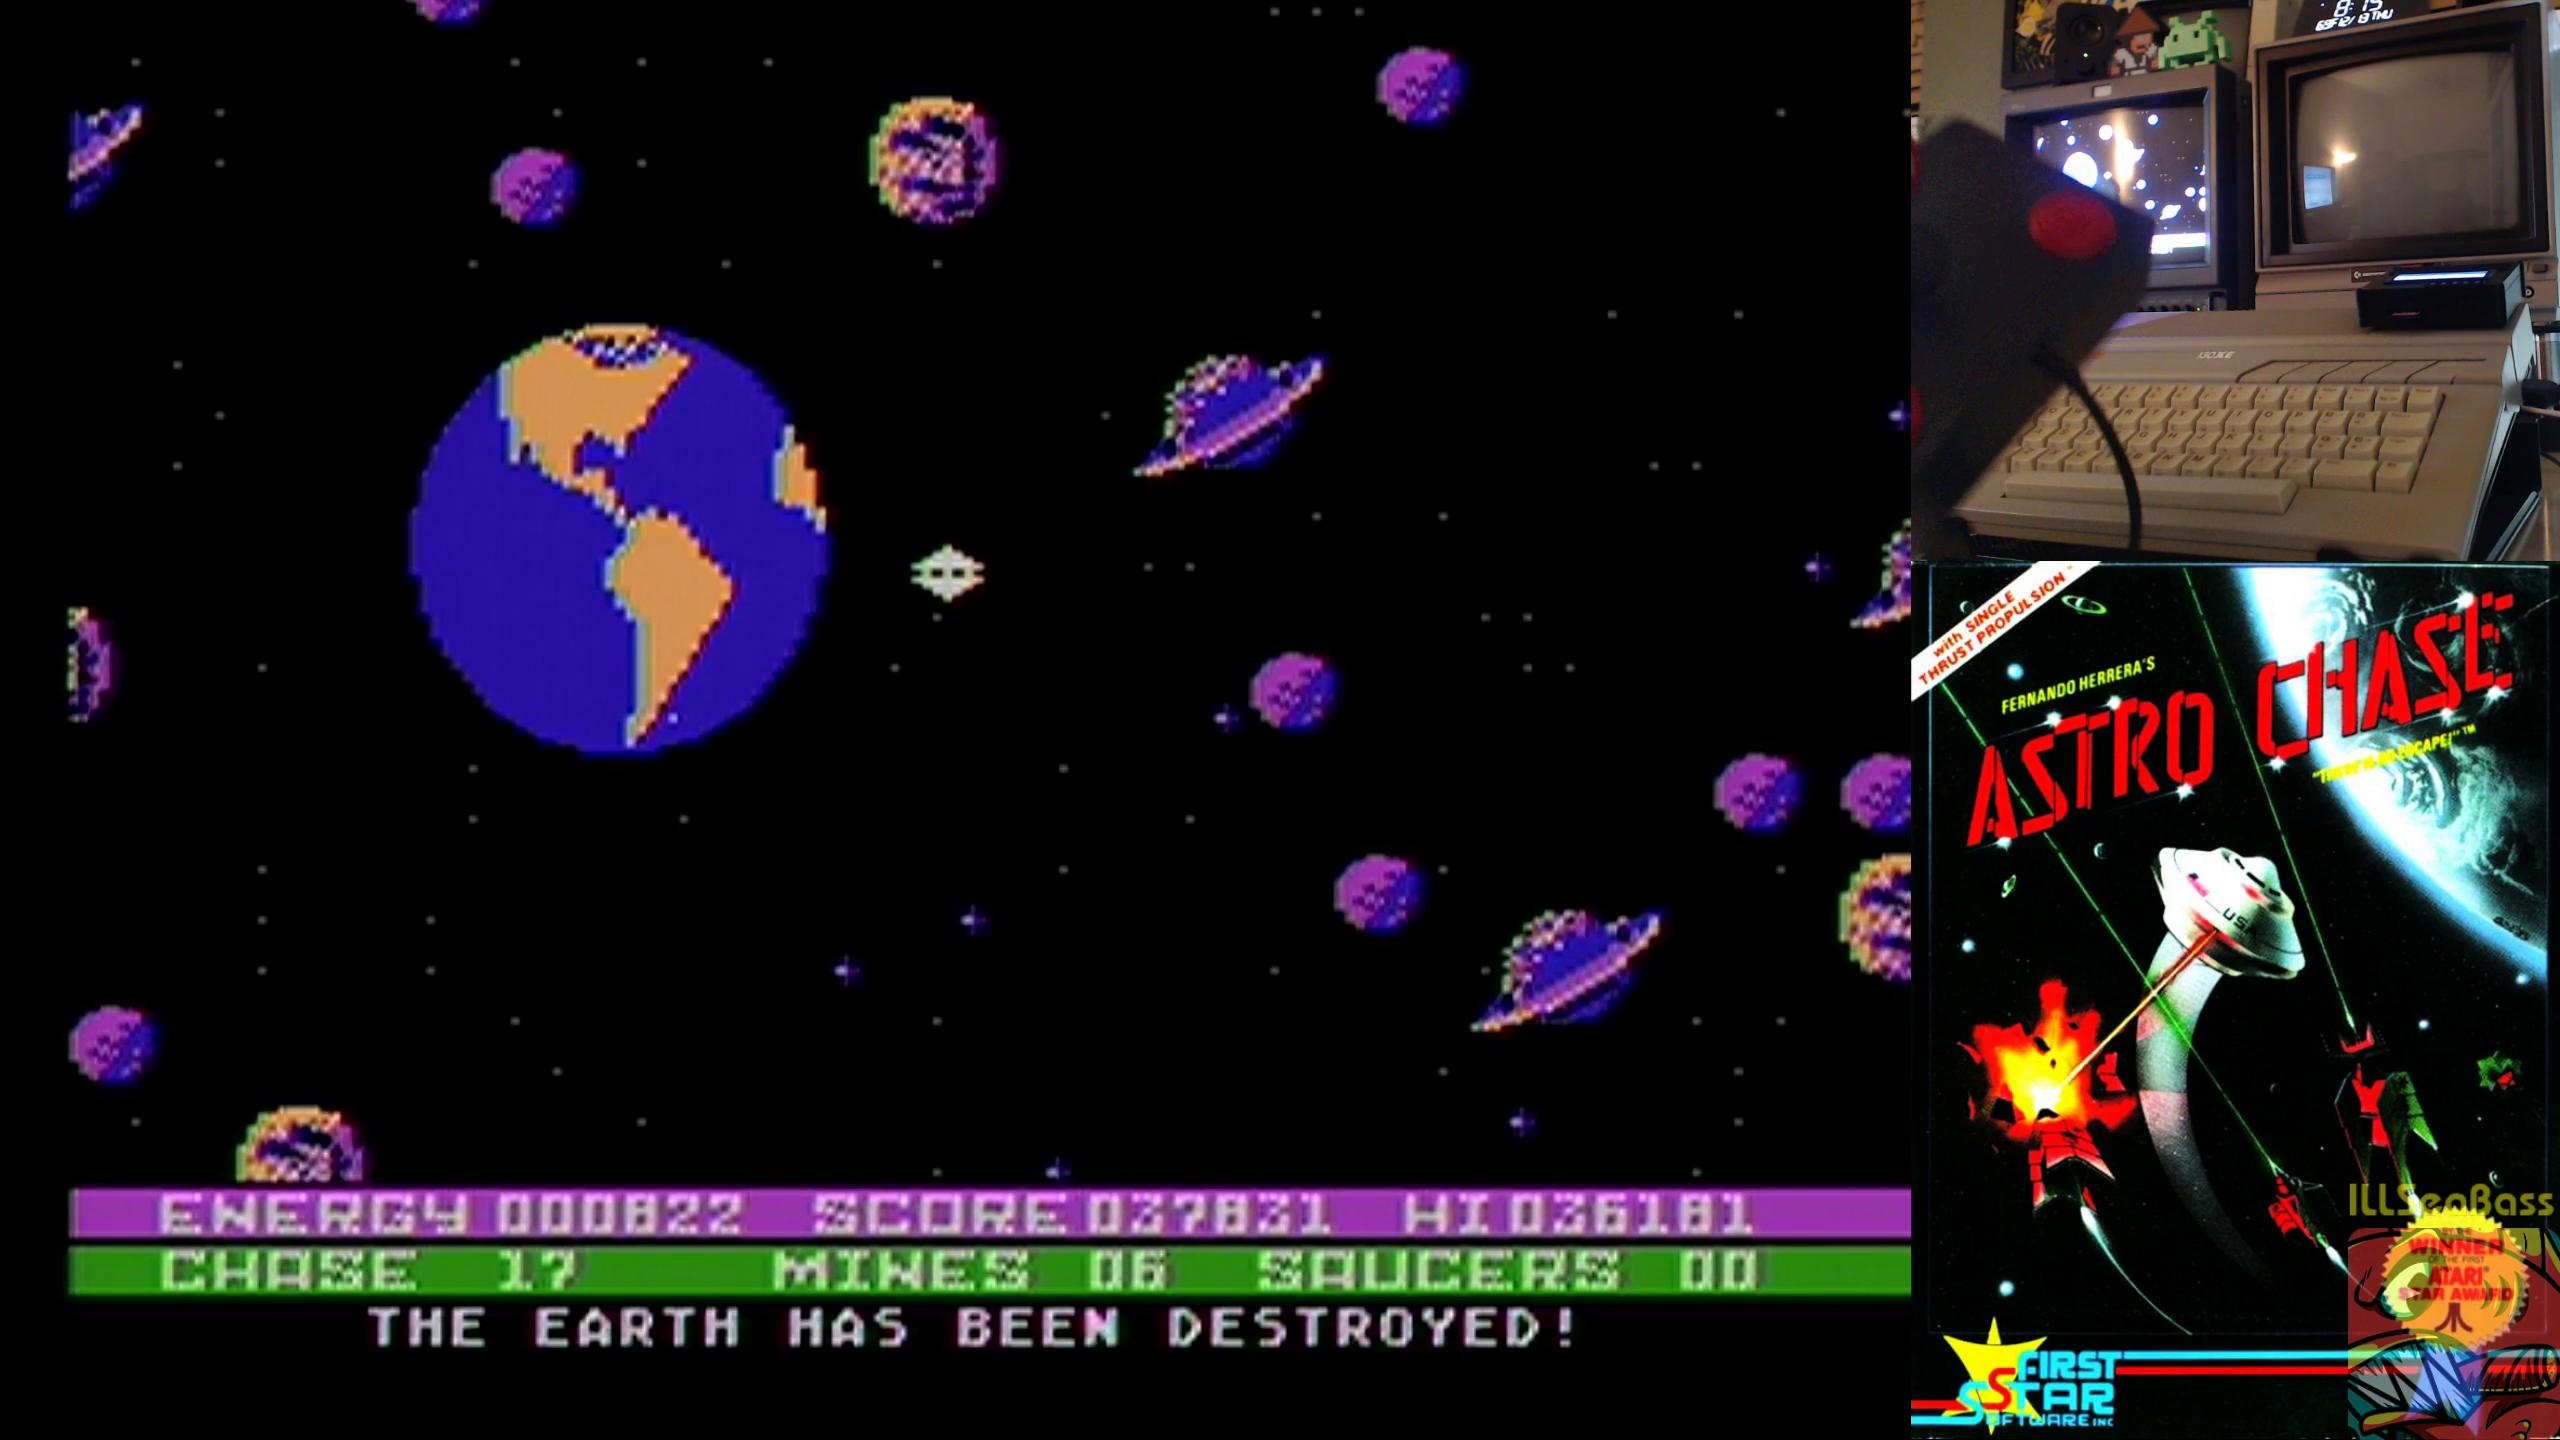 ILLSeaBass: Astro Chase (Atari 400/800/XL/XE) 37,831 points on 2018-12-13 21:18:40